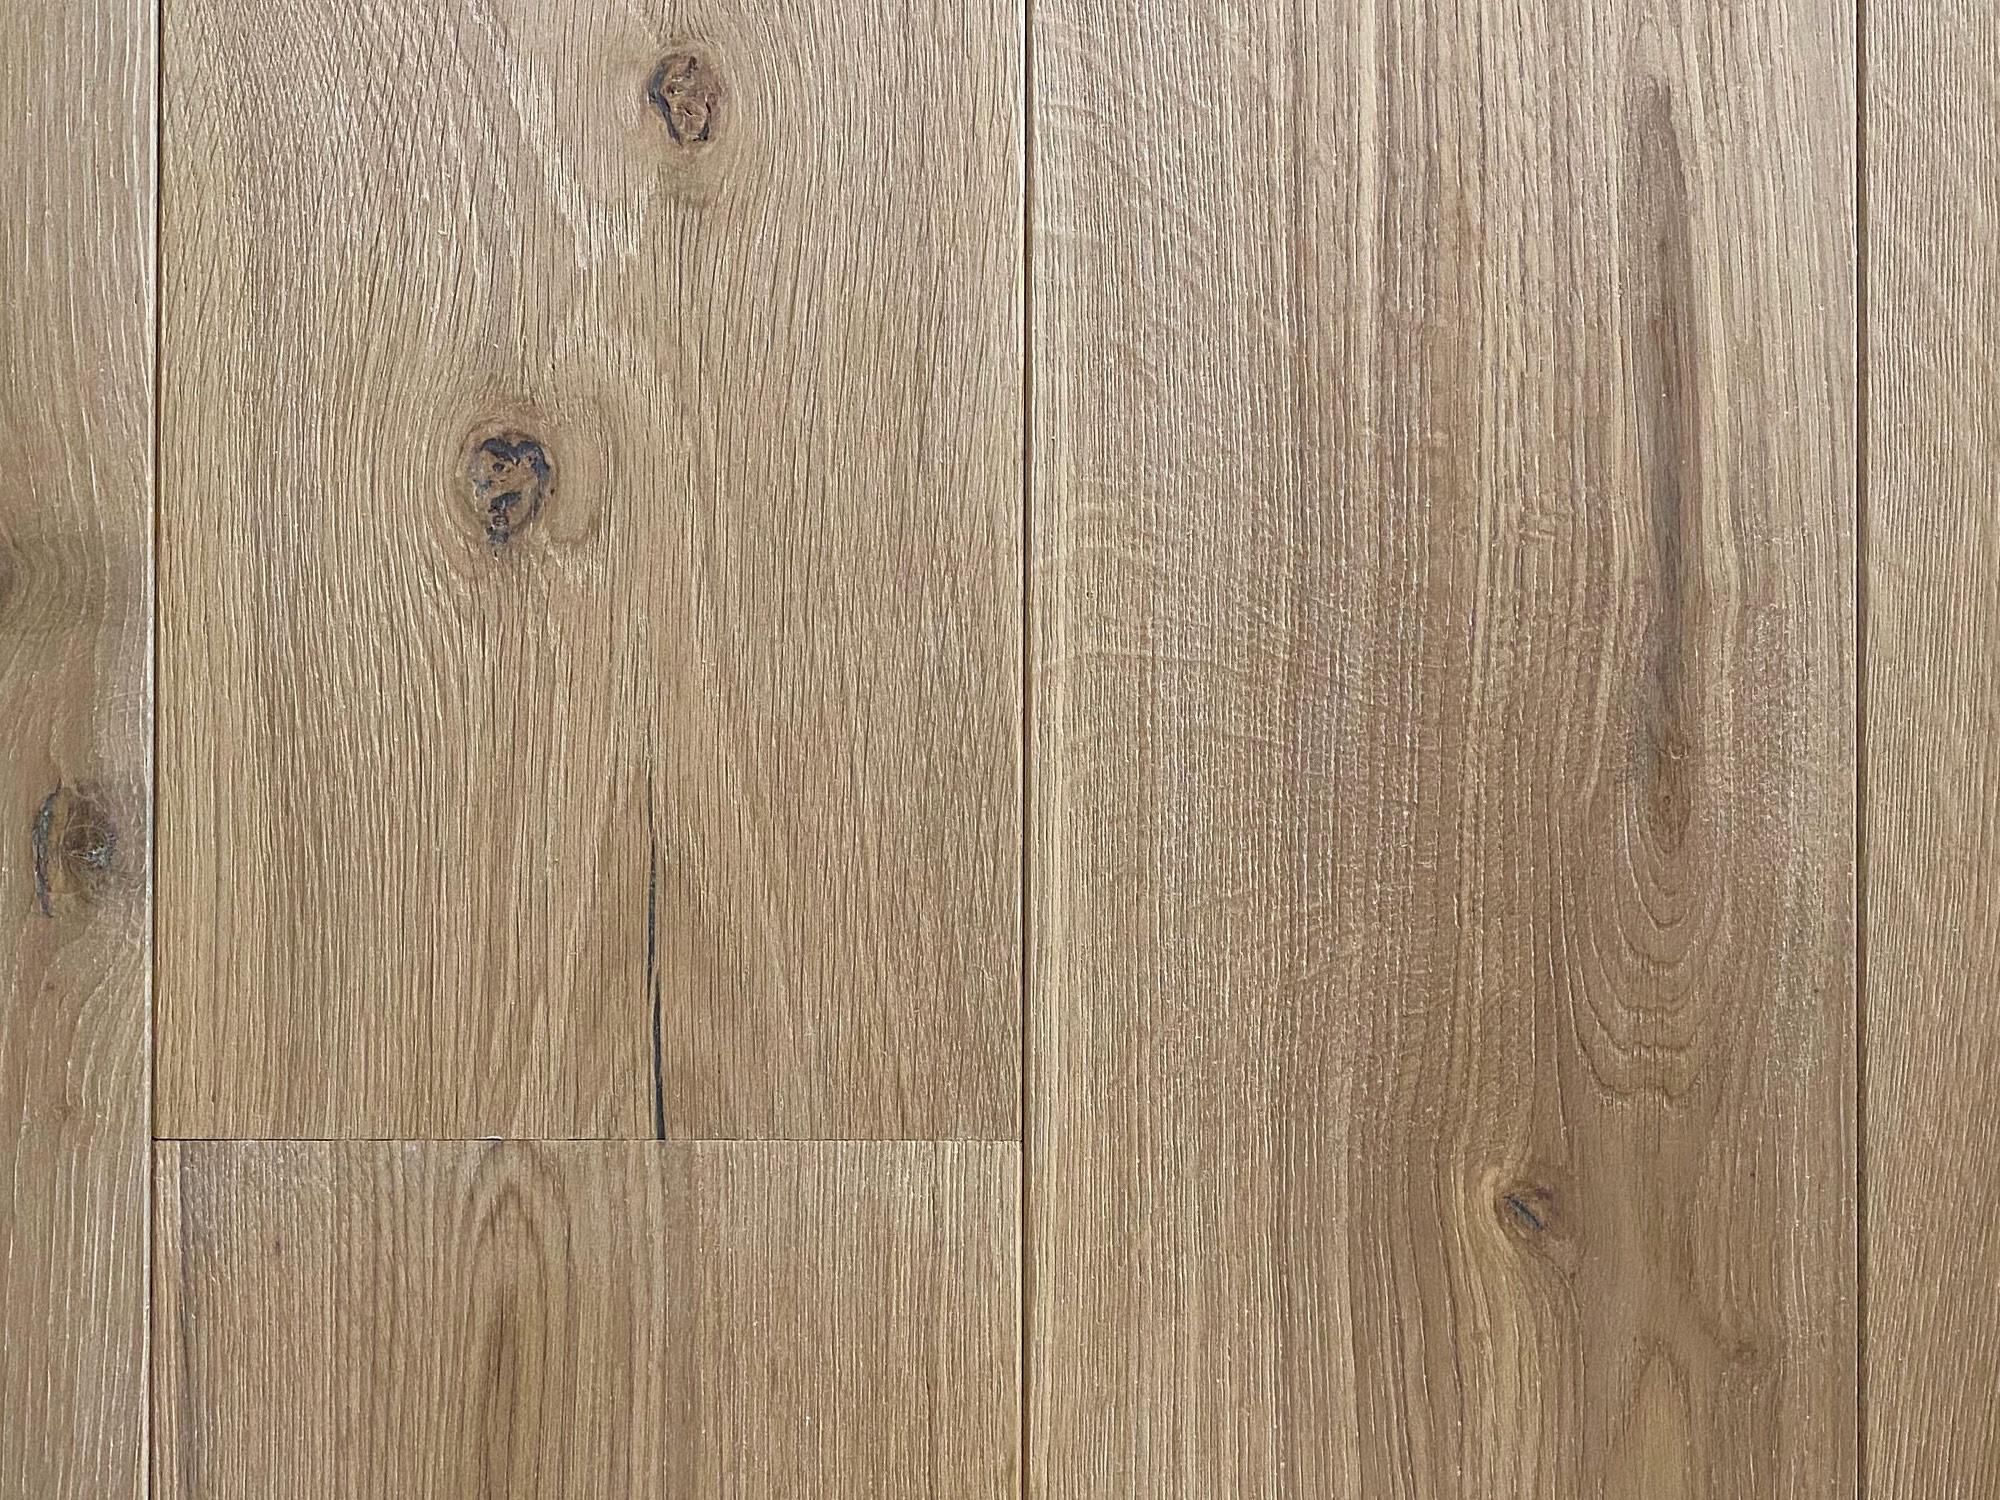 Knots in clean oak flooring